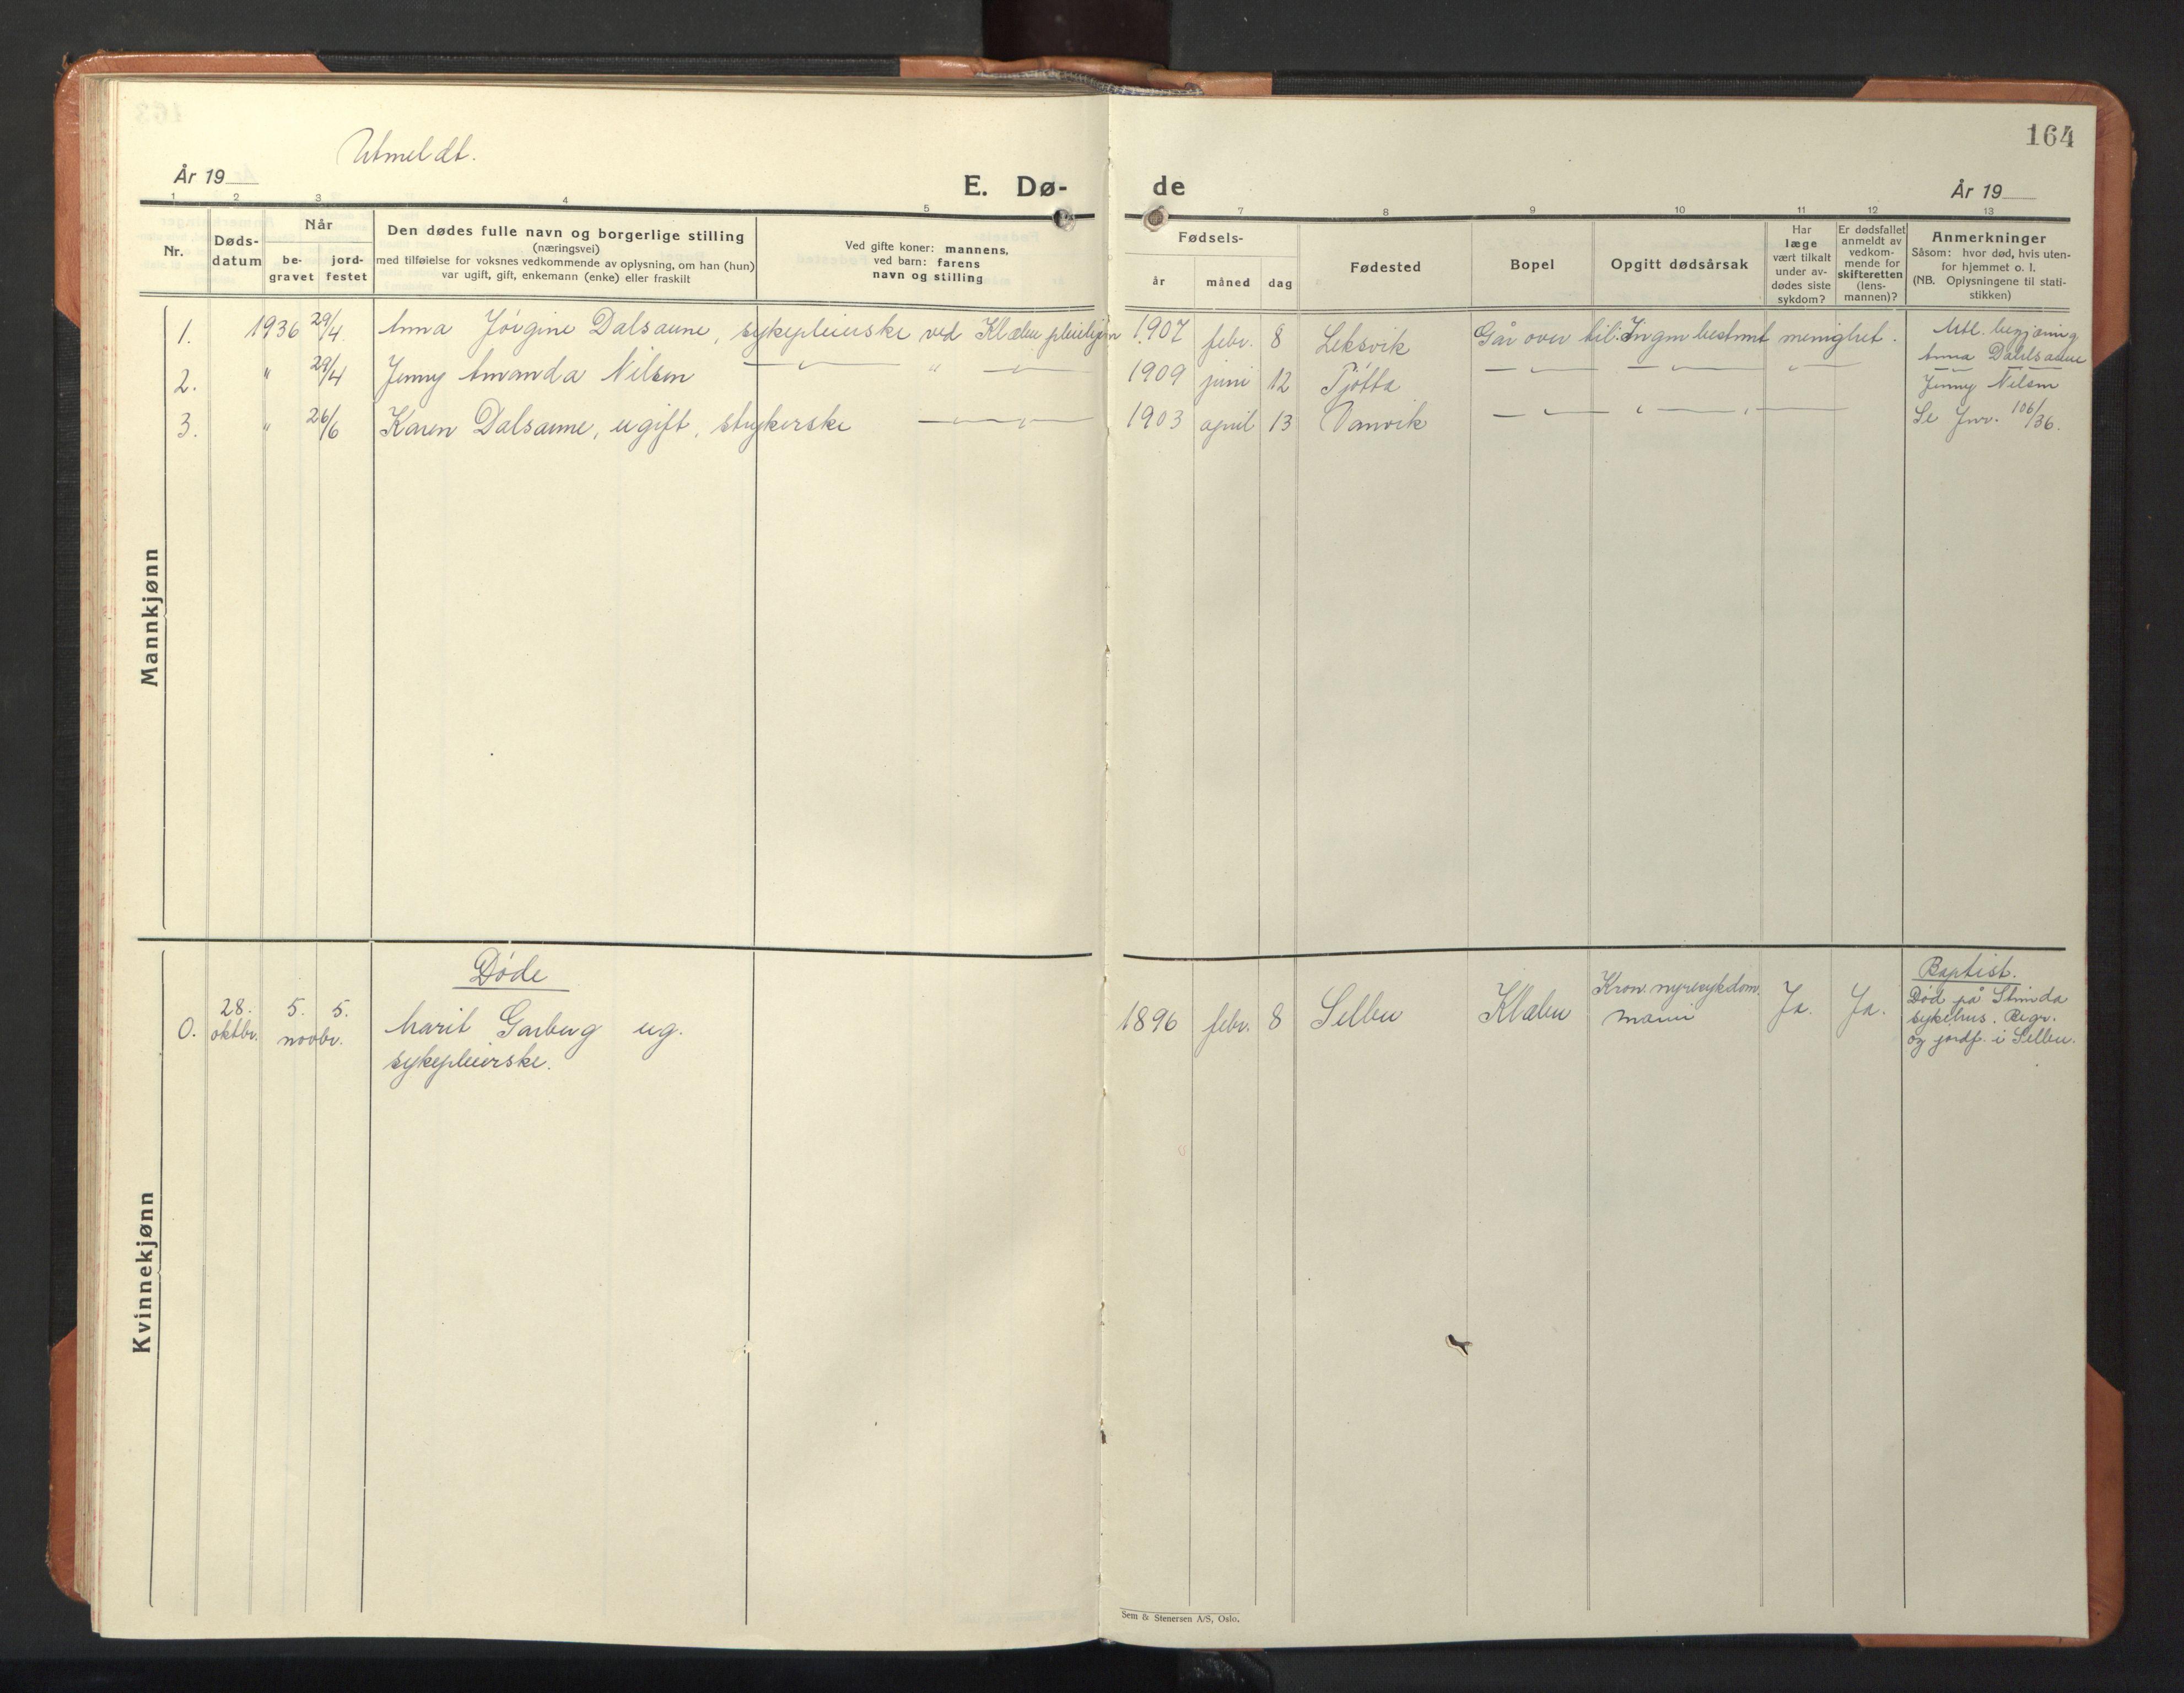 SAT, Ministerialprotokoller, klokkerbøker og fødselsregistre - Sør-Trøndelag, 618/L0454: Klokkerbok nr. 618C05, 1926-1946, s. 164